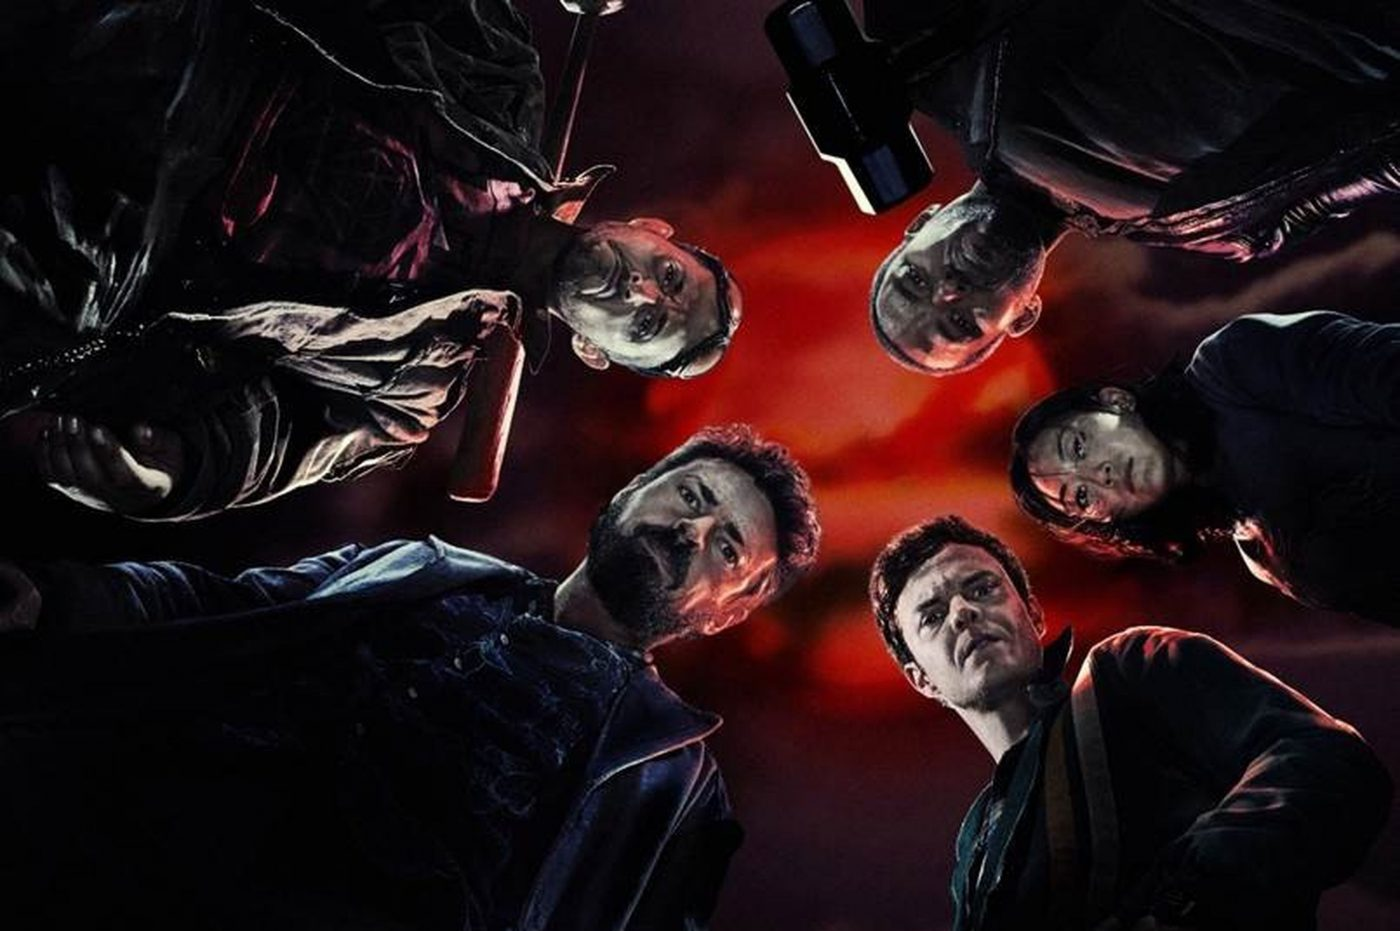 The Boys un vent d'hémoglobine sur le monde des super-héros